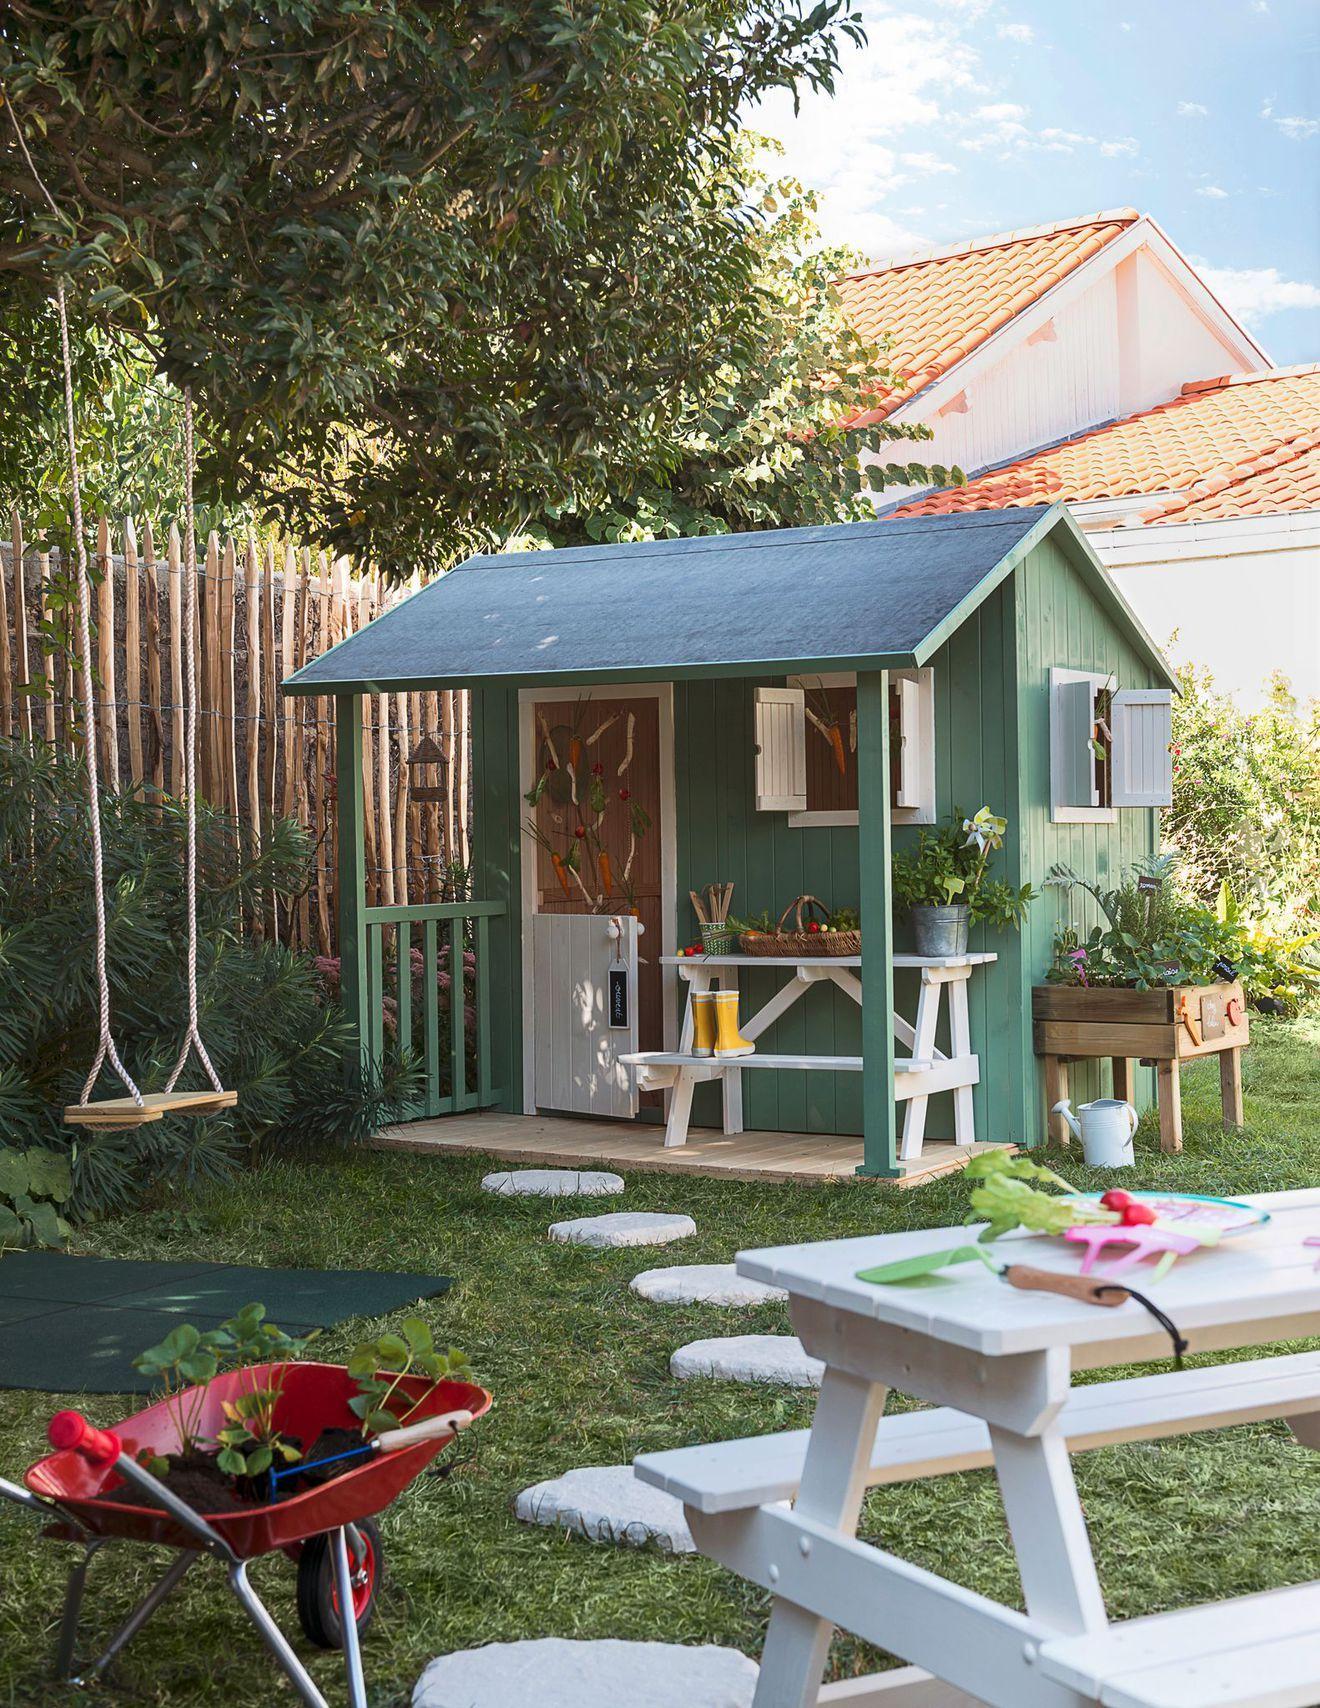 Cabane Enfant : Modèles Pour Le Jardin | Jardin | Cabane ... destiné Maison Jardin Enfant